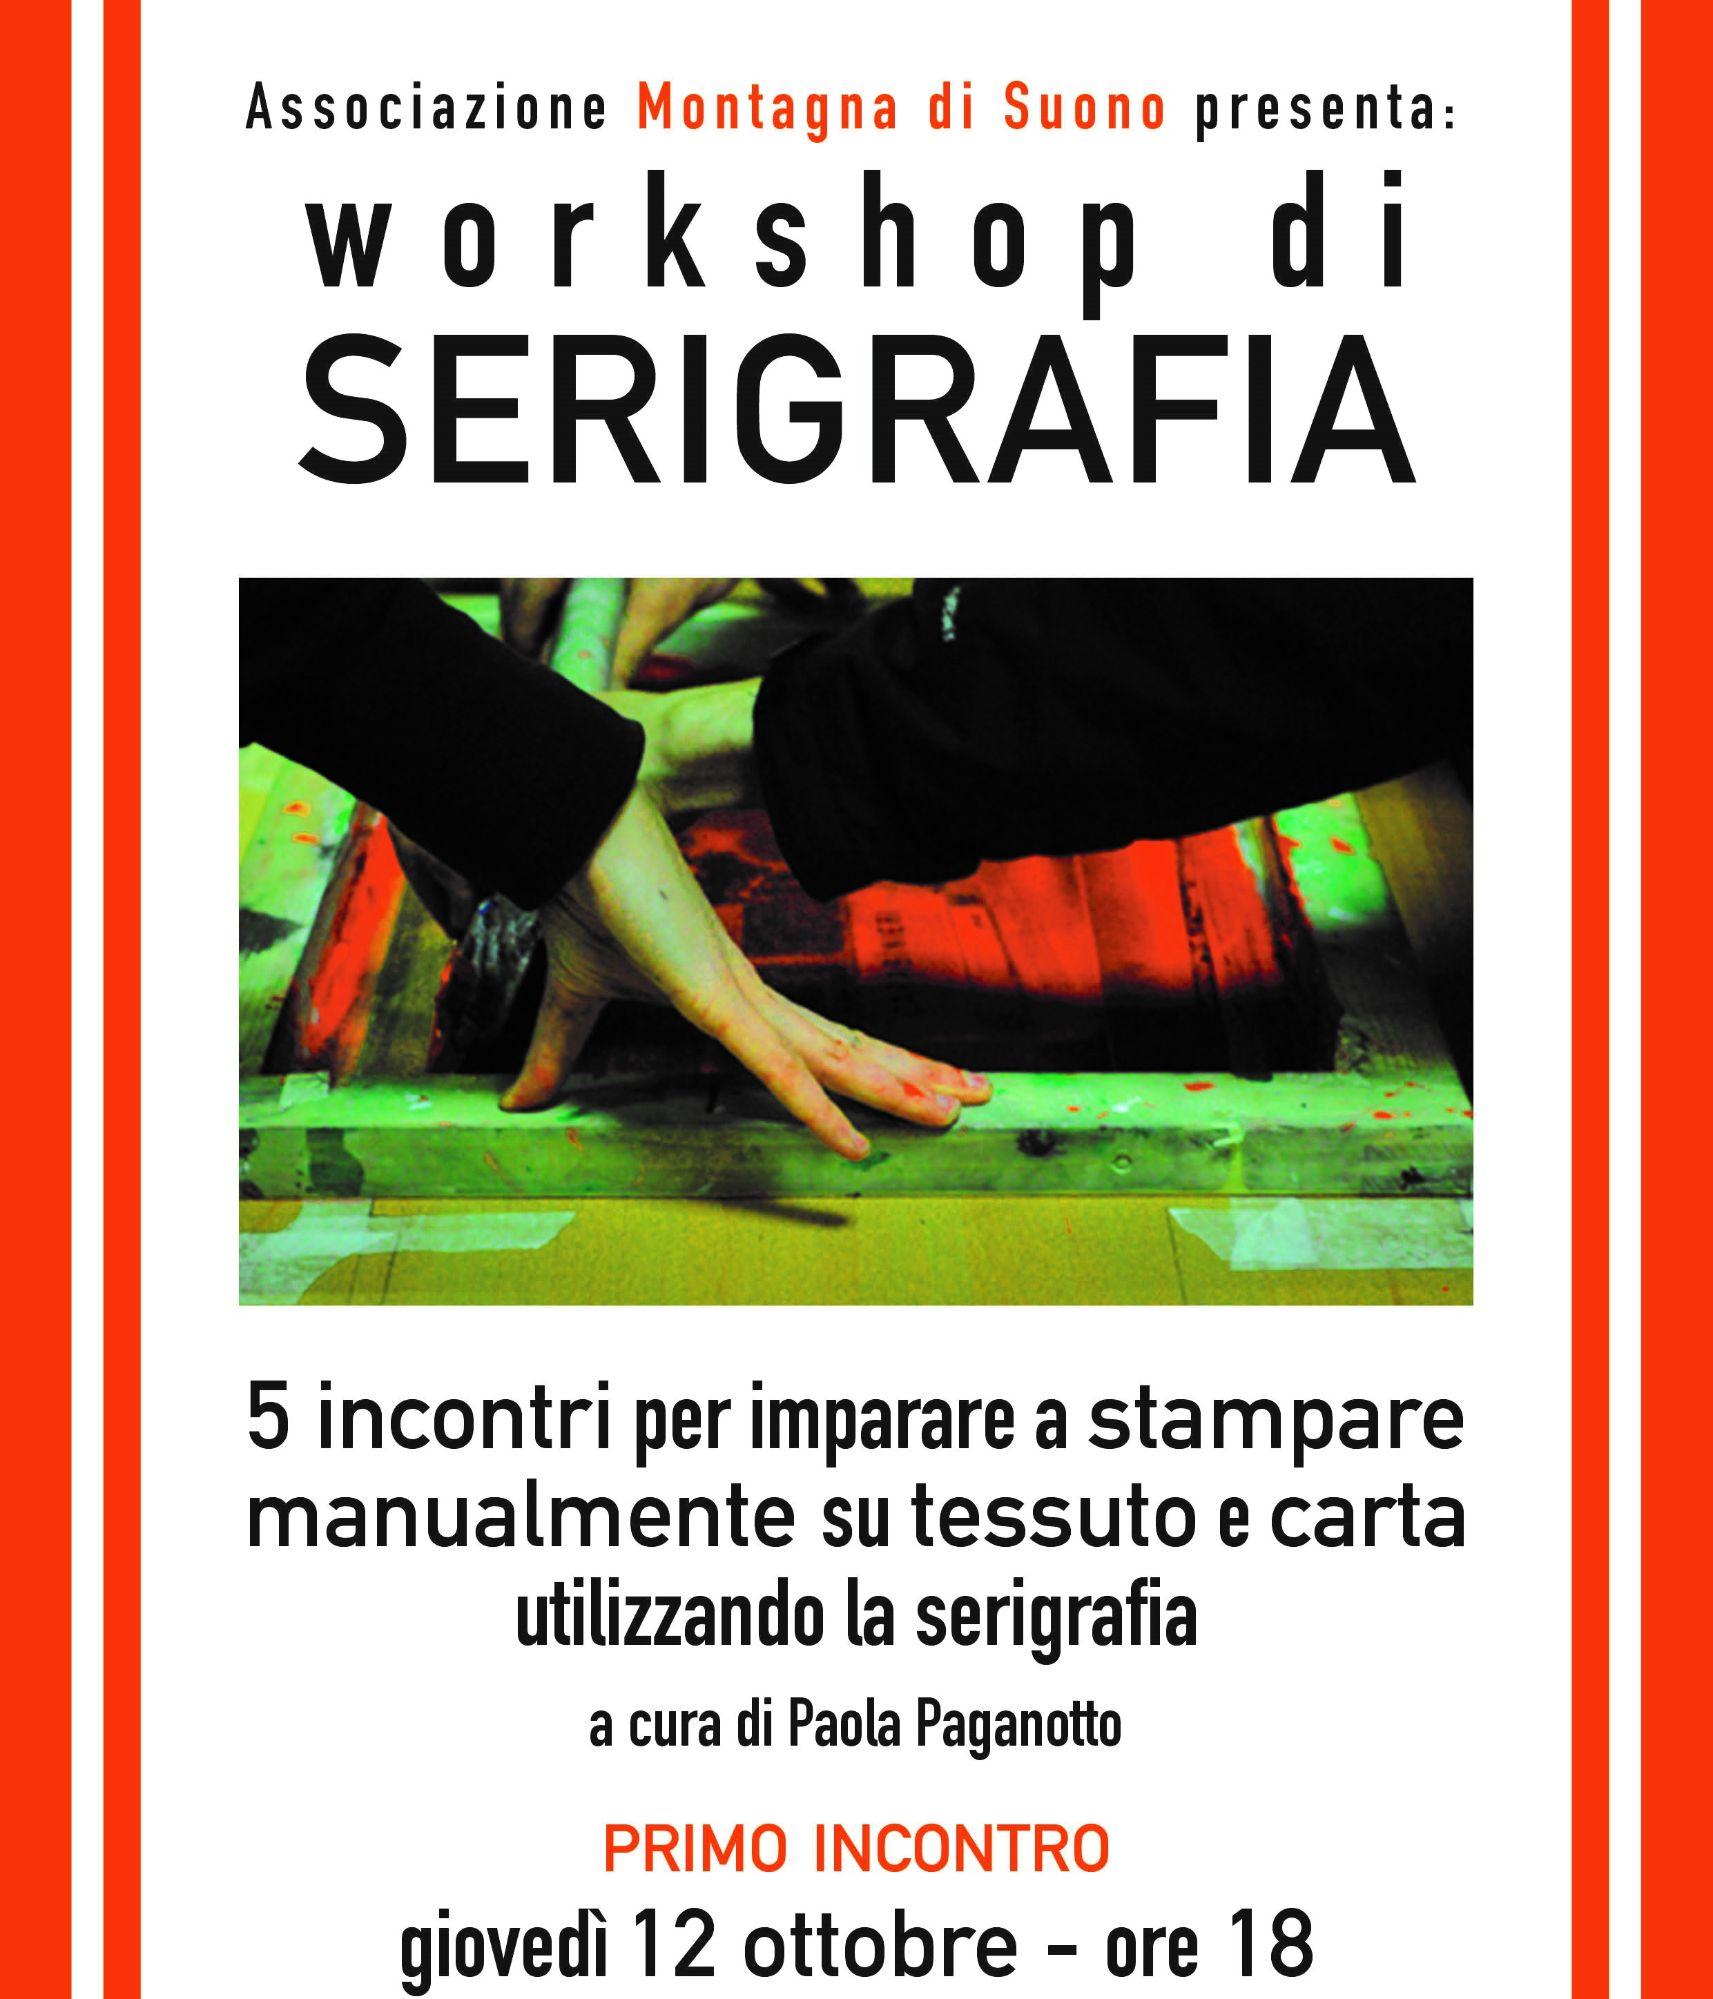 Workshop di serigrafia al Centro giovanile